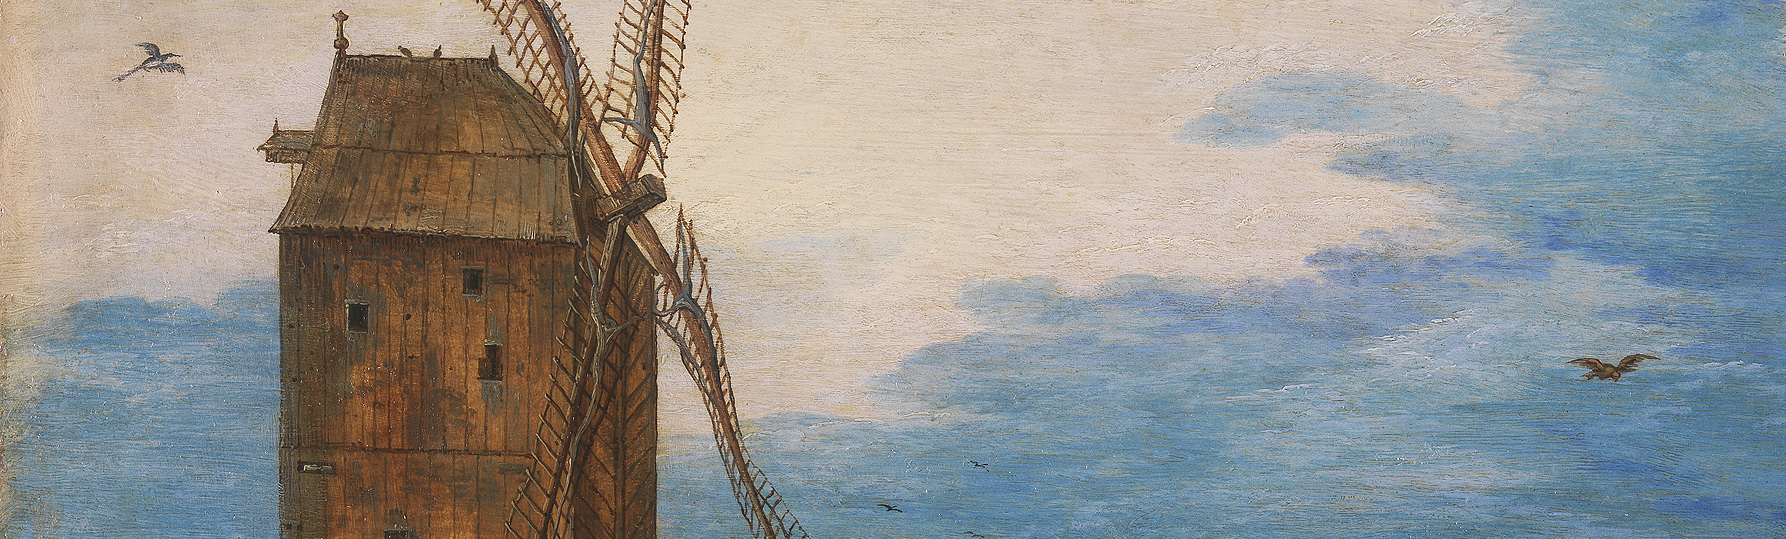 paisaje-con-molinos-de-viento-jan-brueghel-el-joven 4